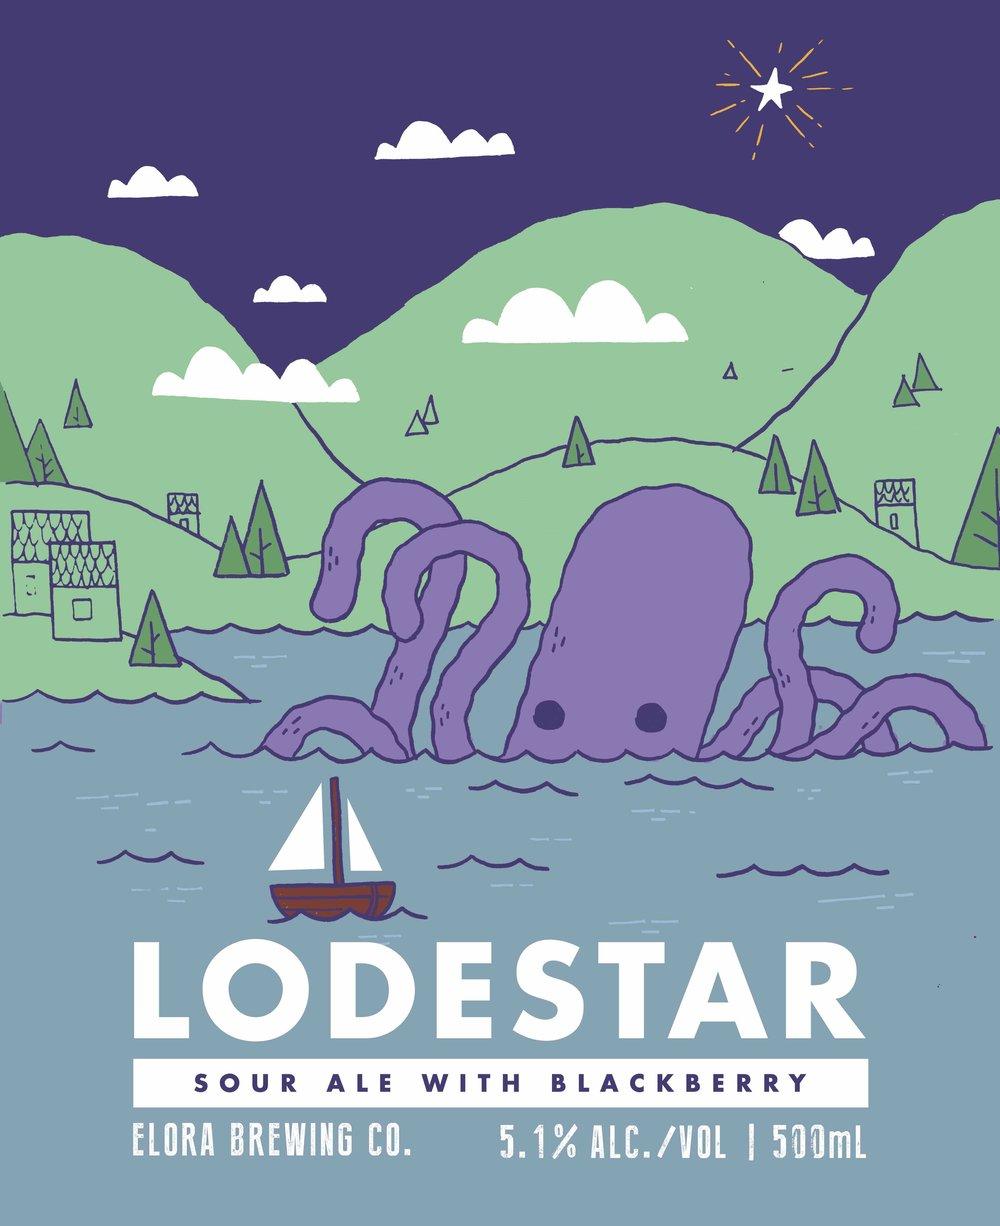 Lodestar-Blackberry.jpg